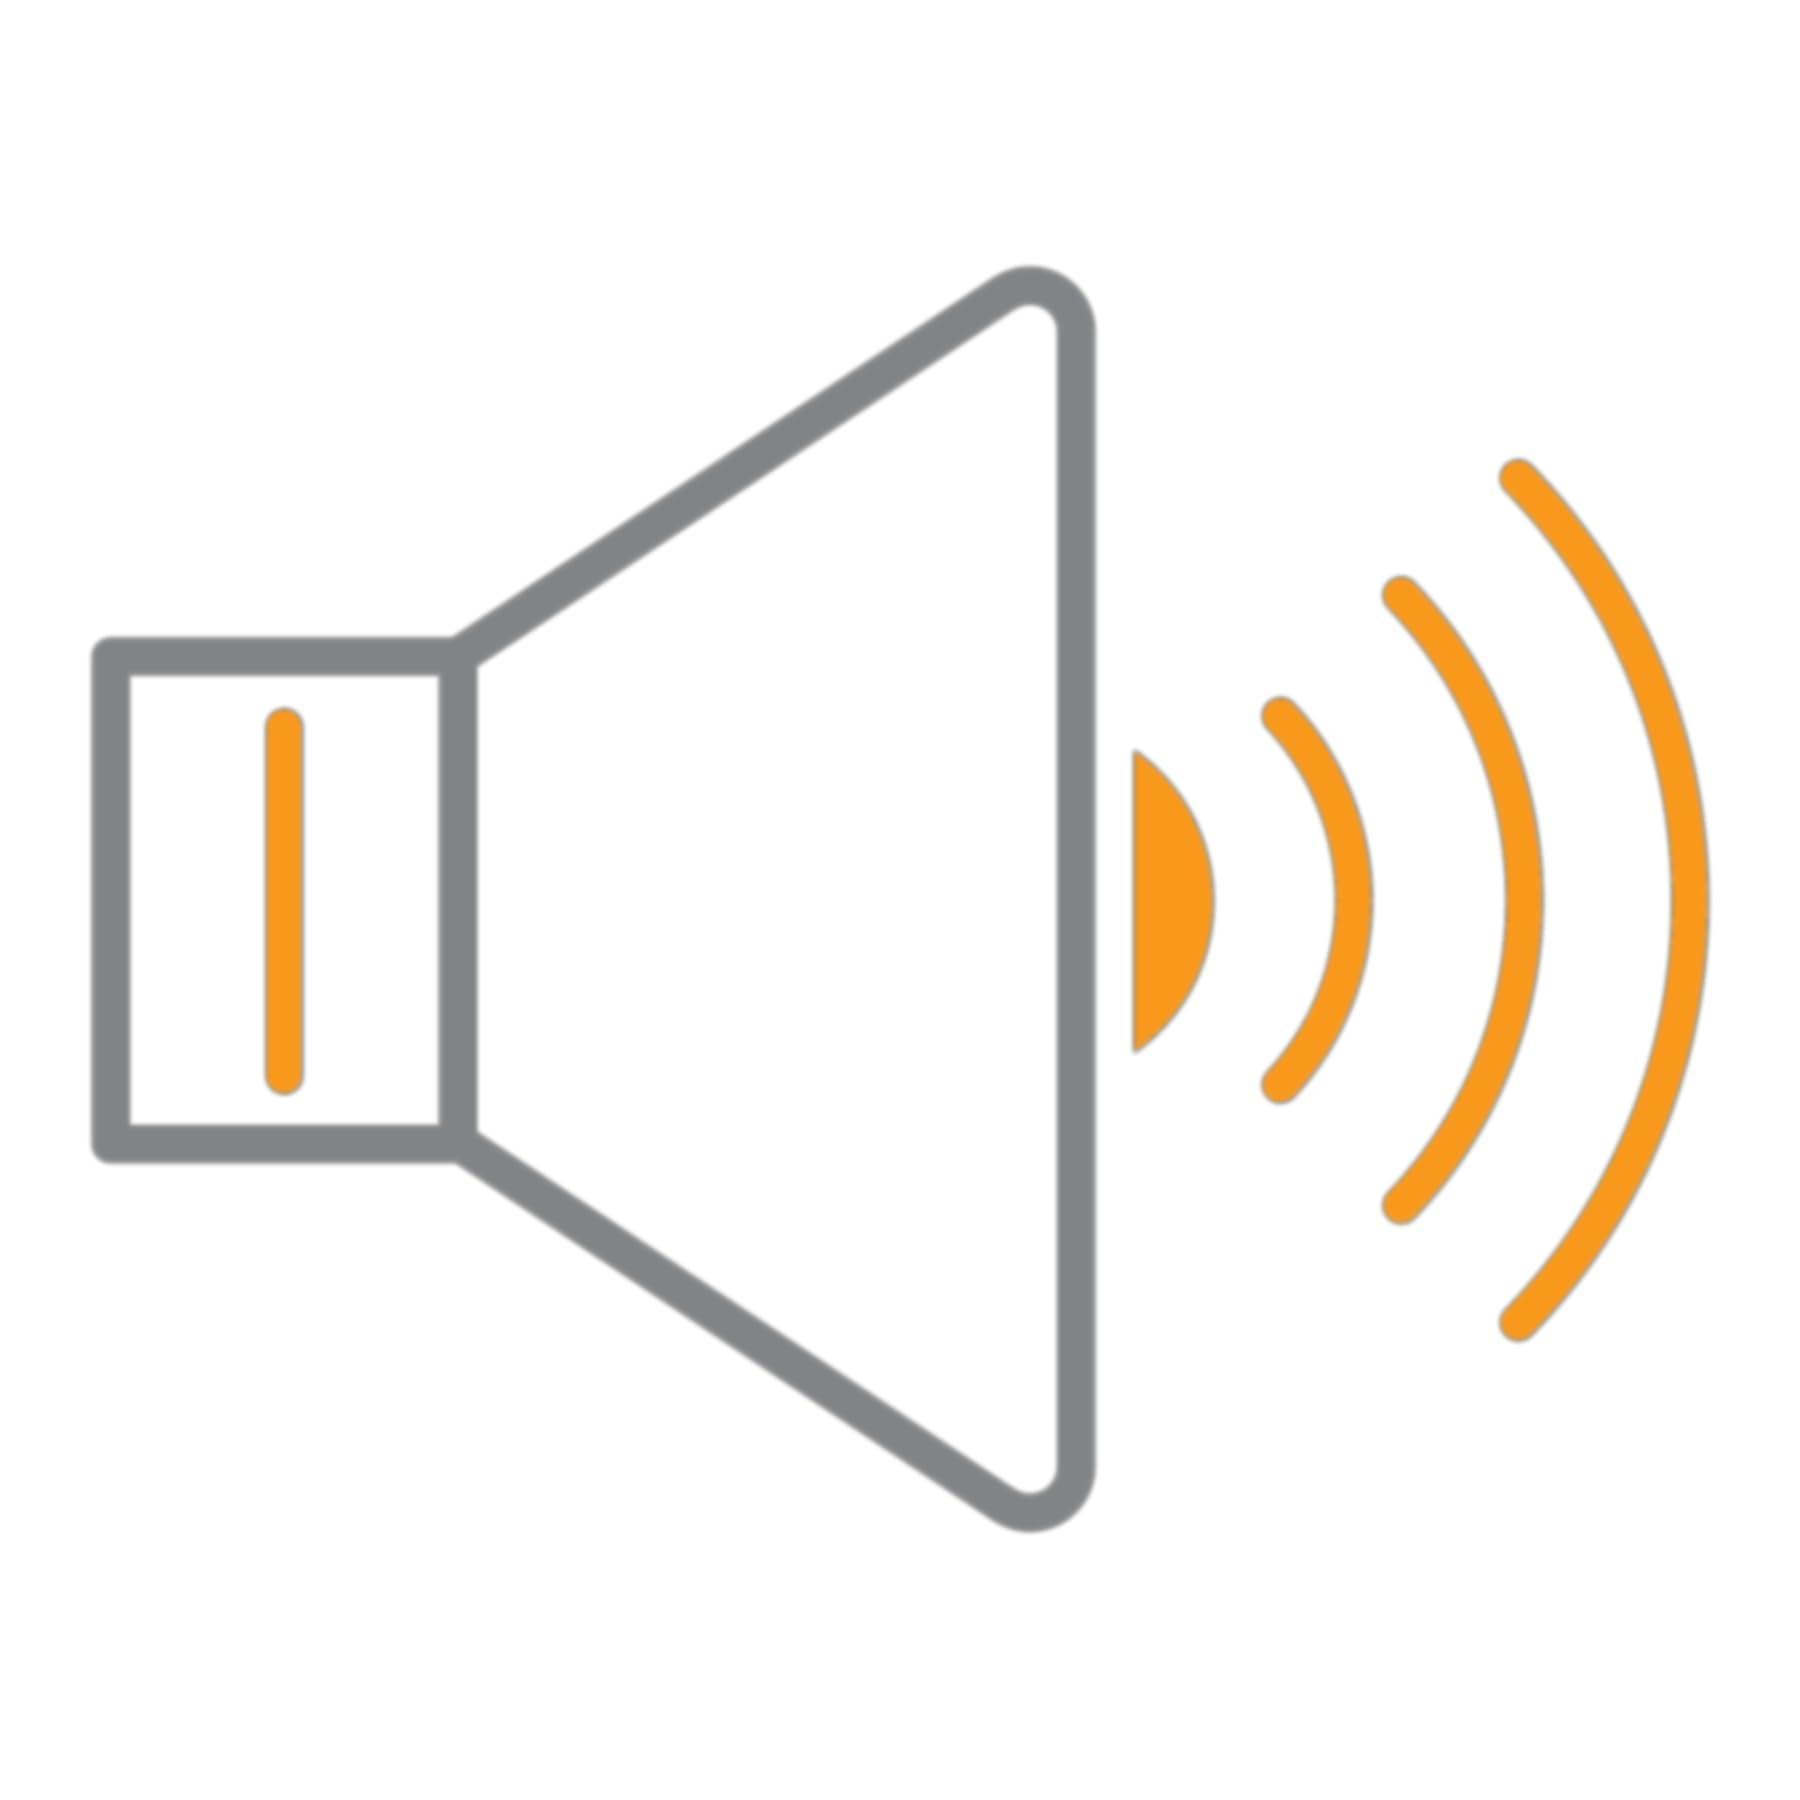 오디오를 스트리밍하는 스피커